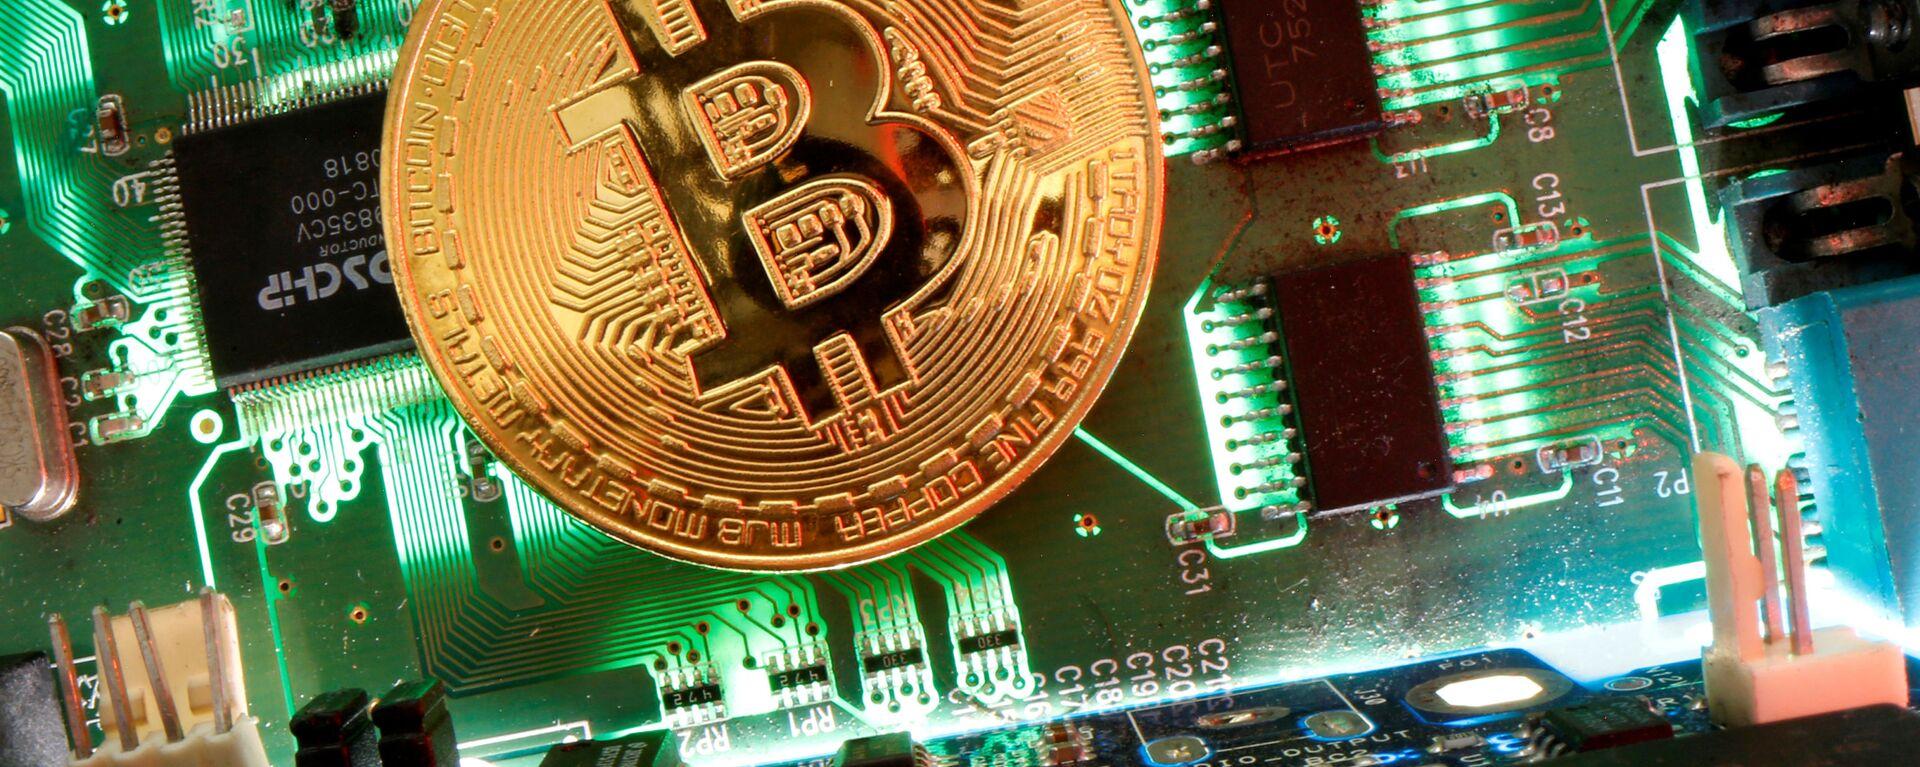 Bitcoin - Sputnik Italia, 1920, 21.05.2021